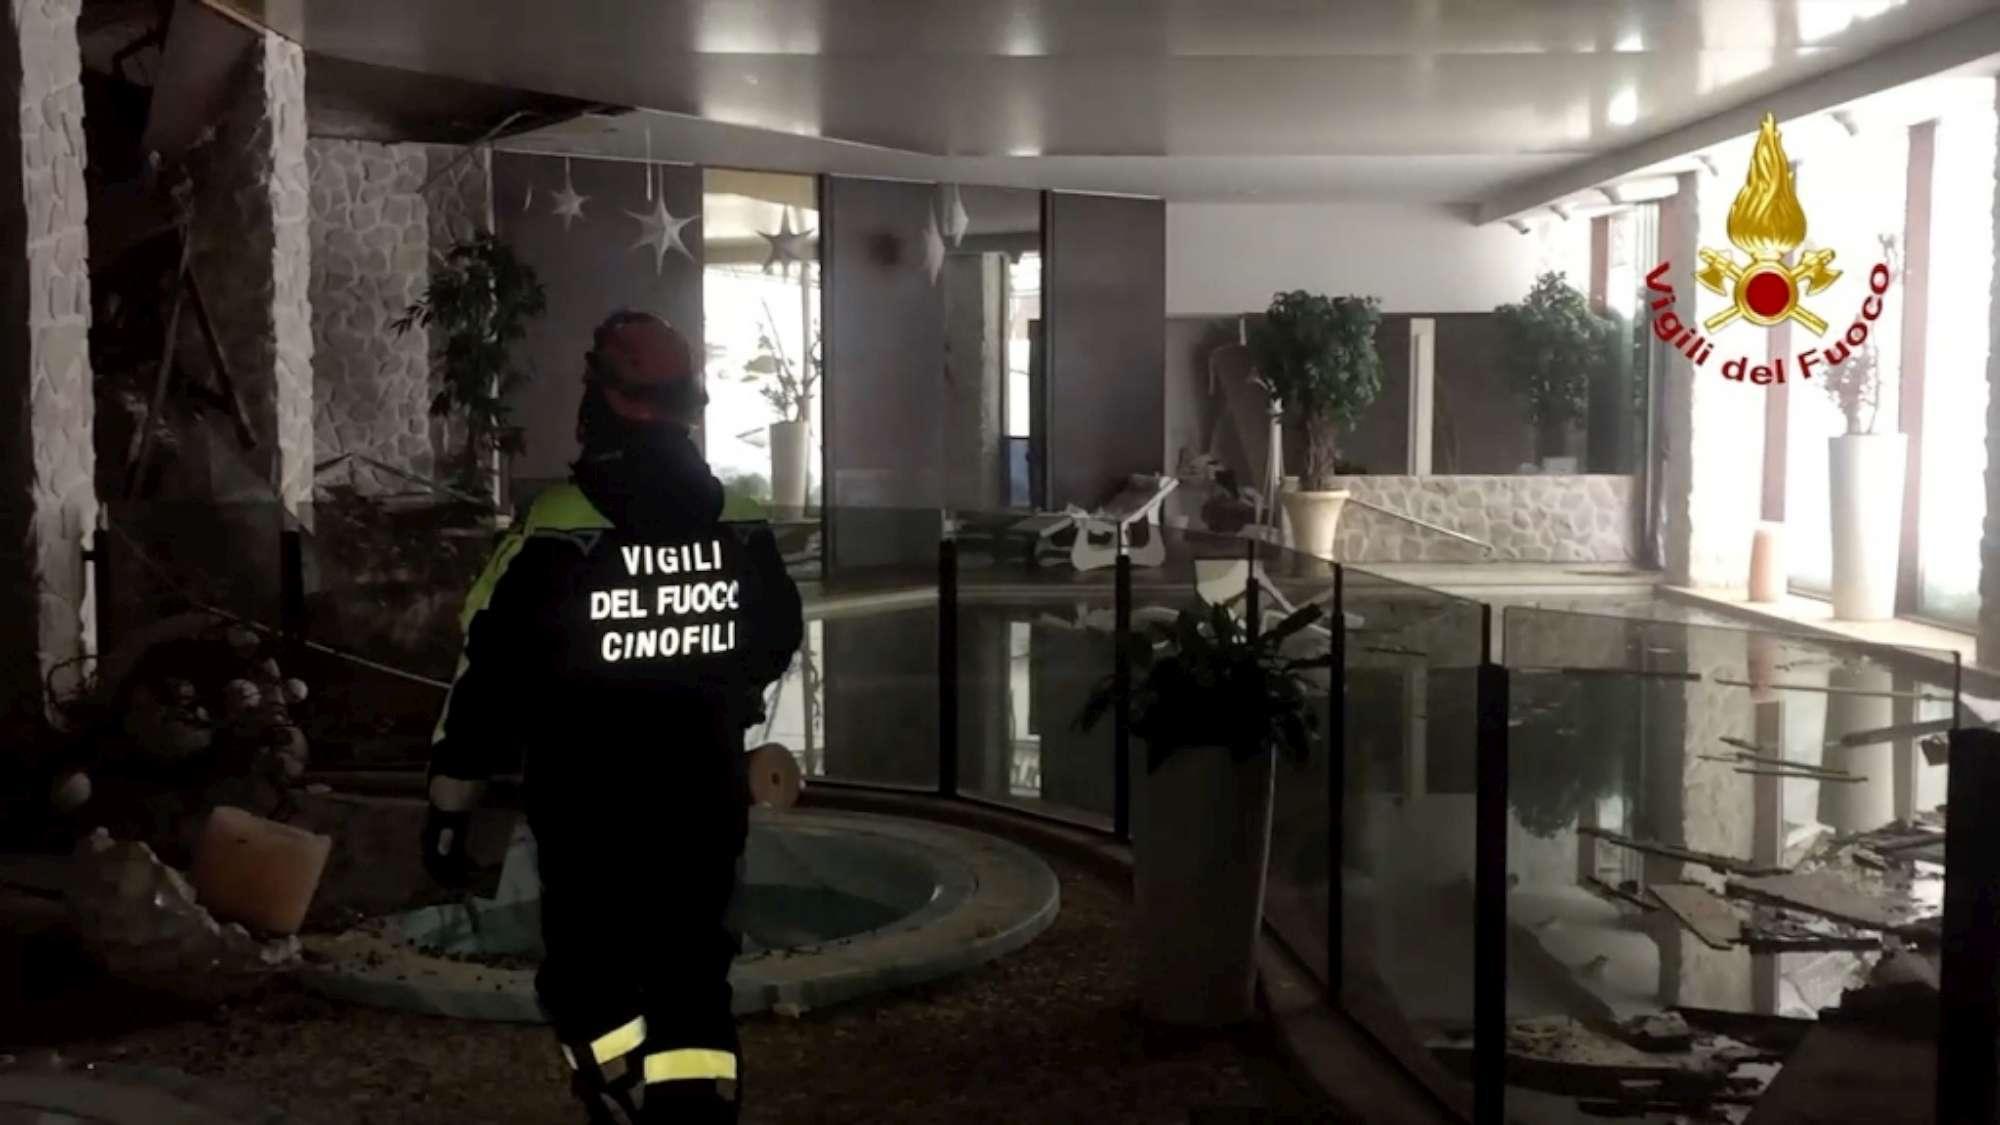 Valanga Hotel Rigopiano, 6 persone trovate vive